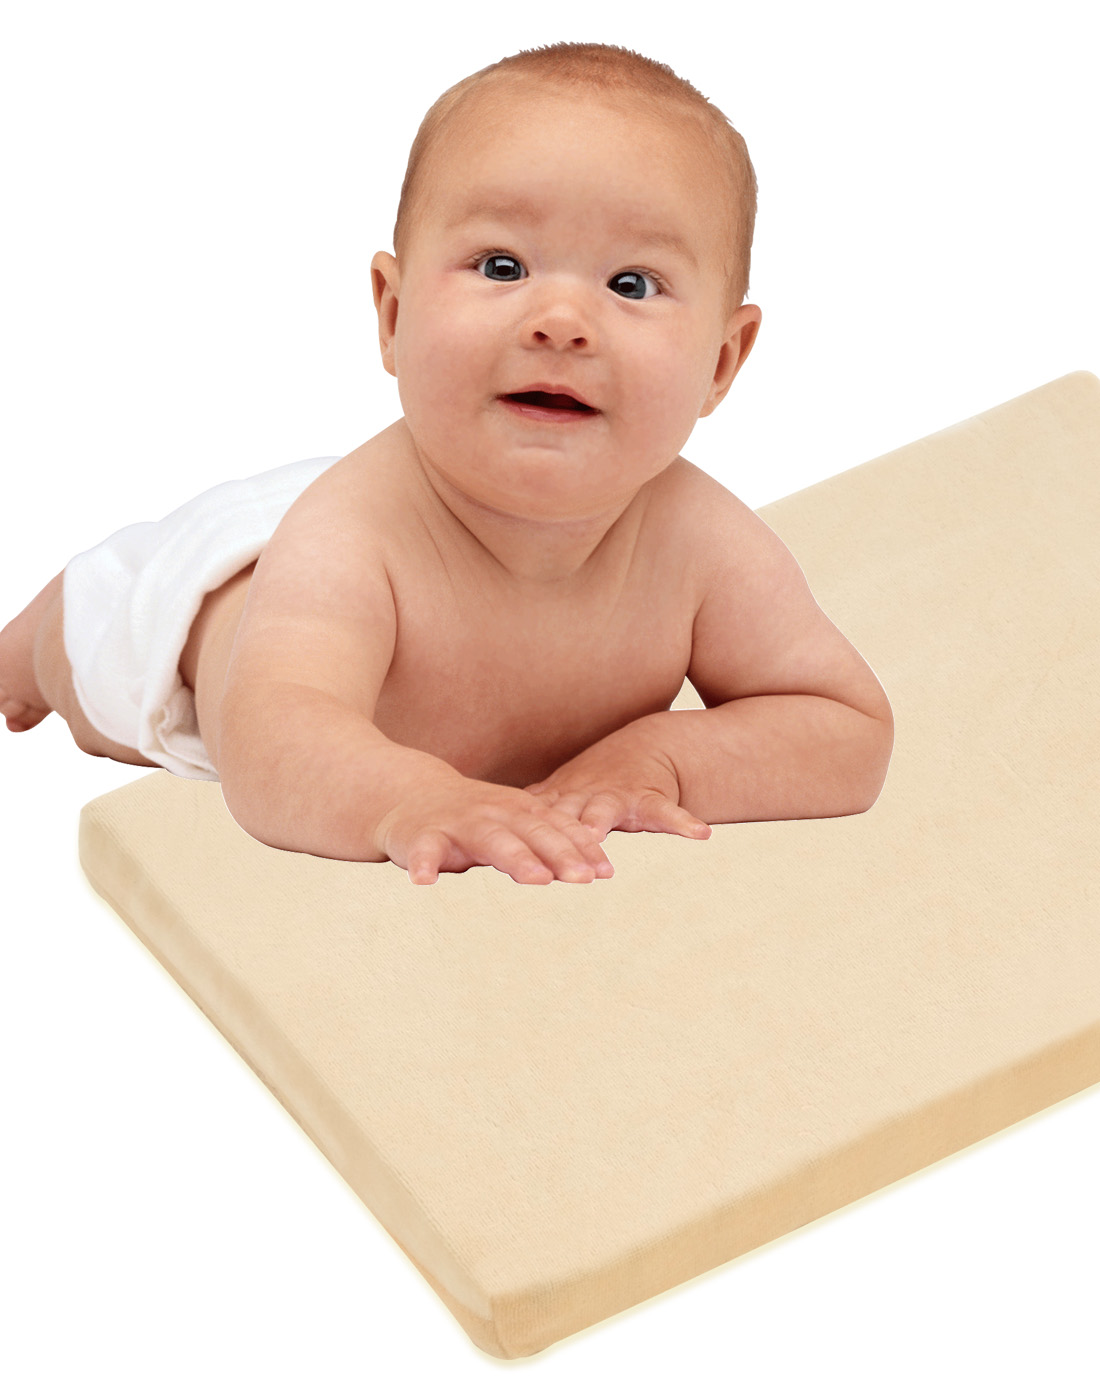 米白色天然乳胶婴儿趴枕图片